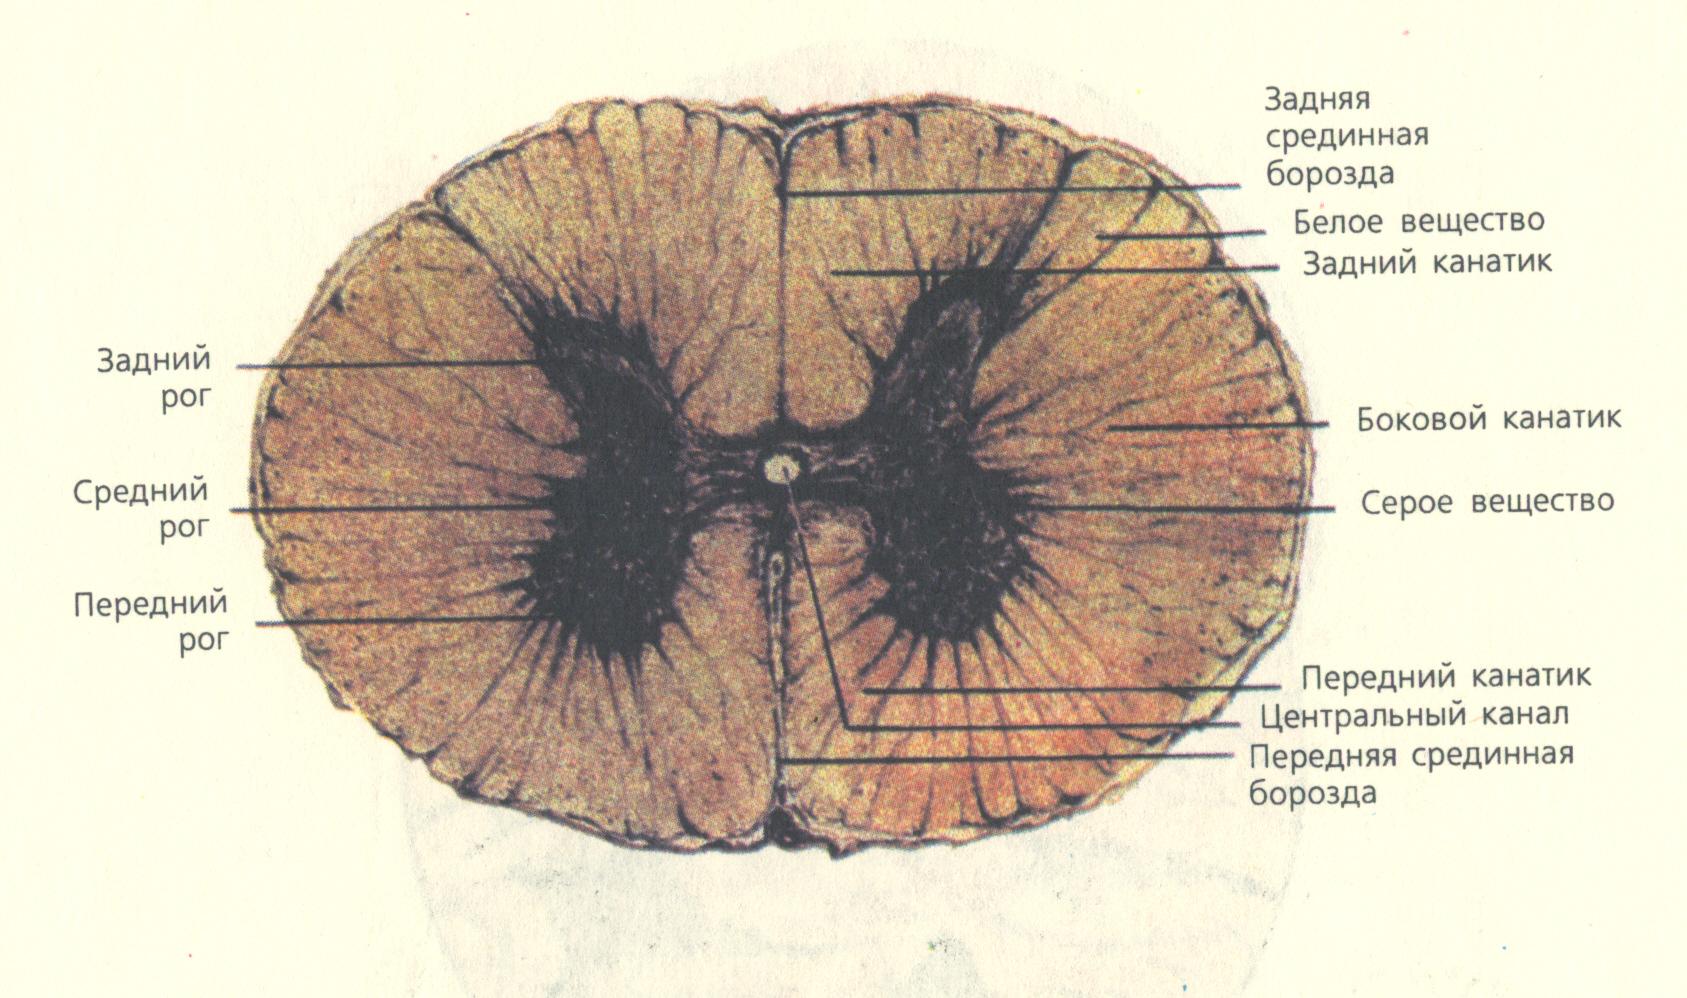 Схема серого вещества спинного мозга